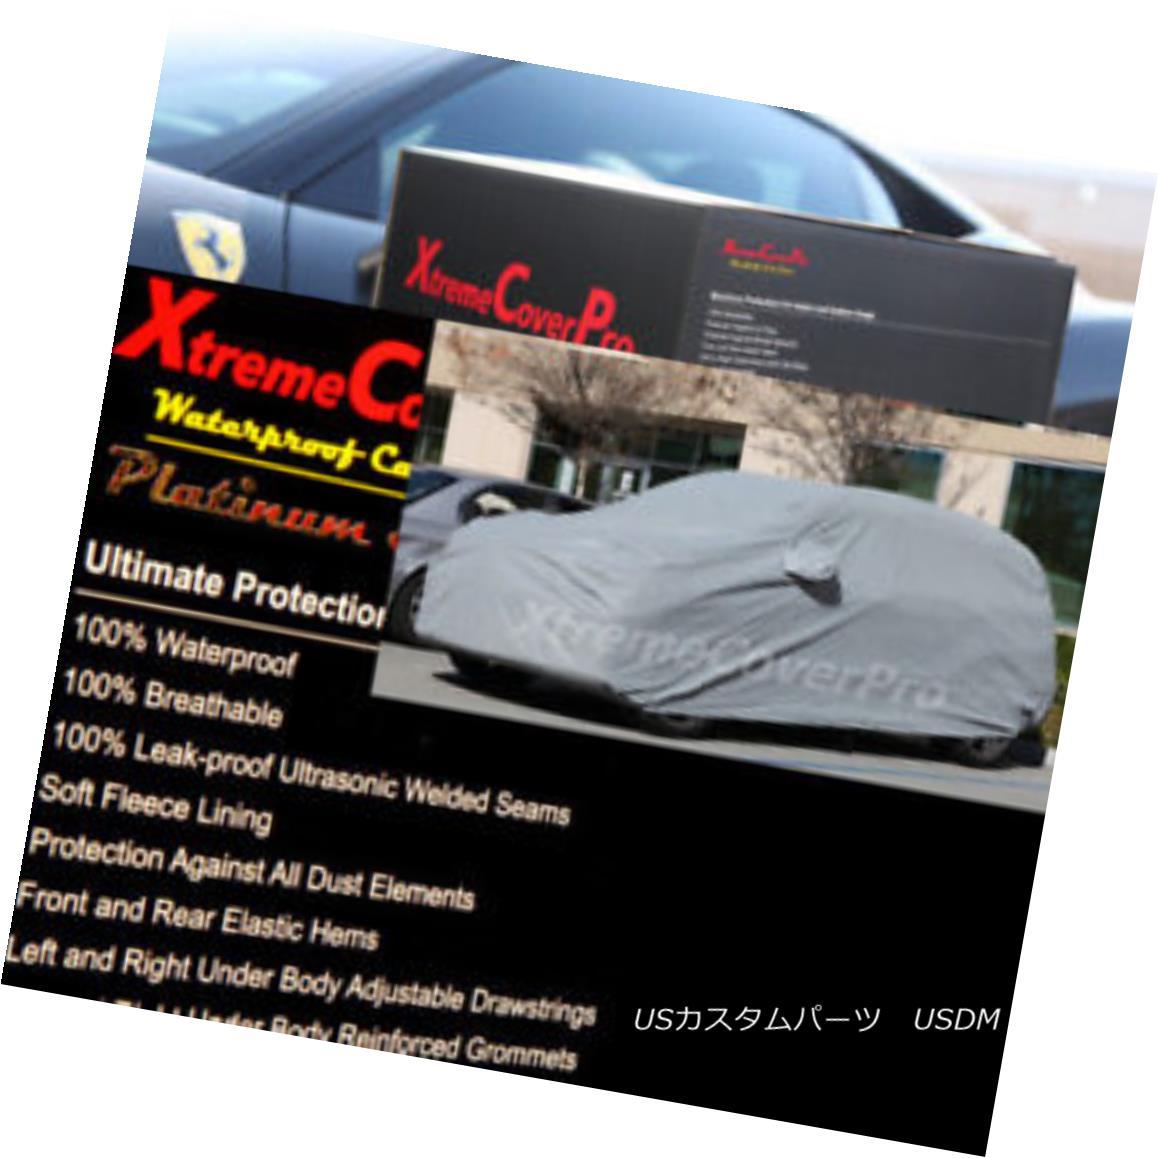 カーカバー WATERPROOF CAR COVER W/MIRROR POCKET GRAY FOR 2018 2017 2016 2015 INFINITI QX60 2018年防水カーカバーW / MIRRORポケットグレー2017 2016 2015 INFINITI QX60